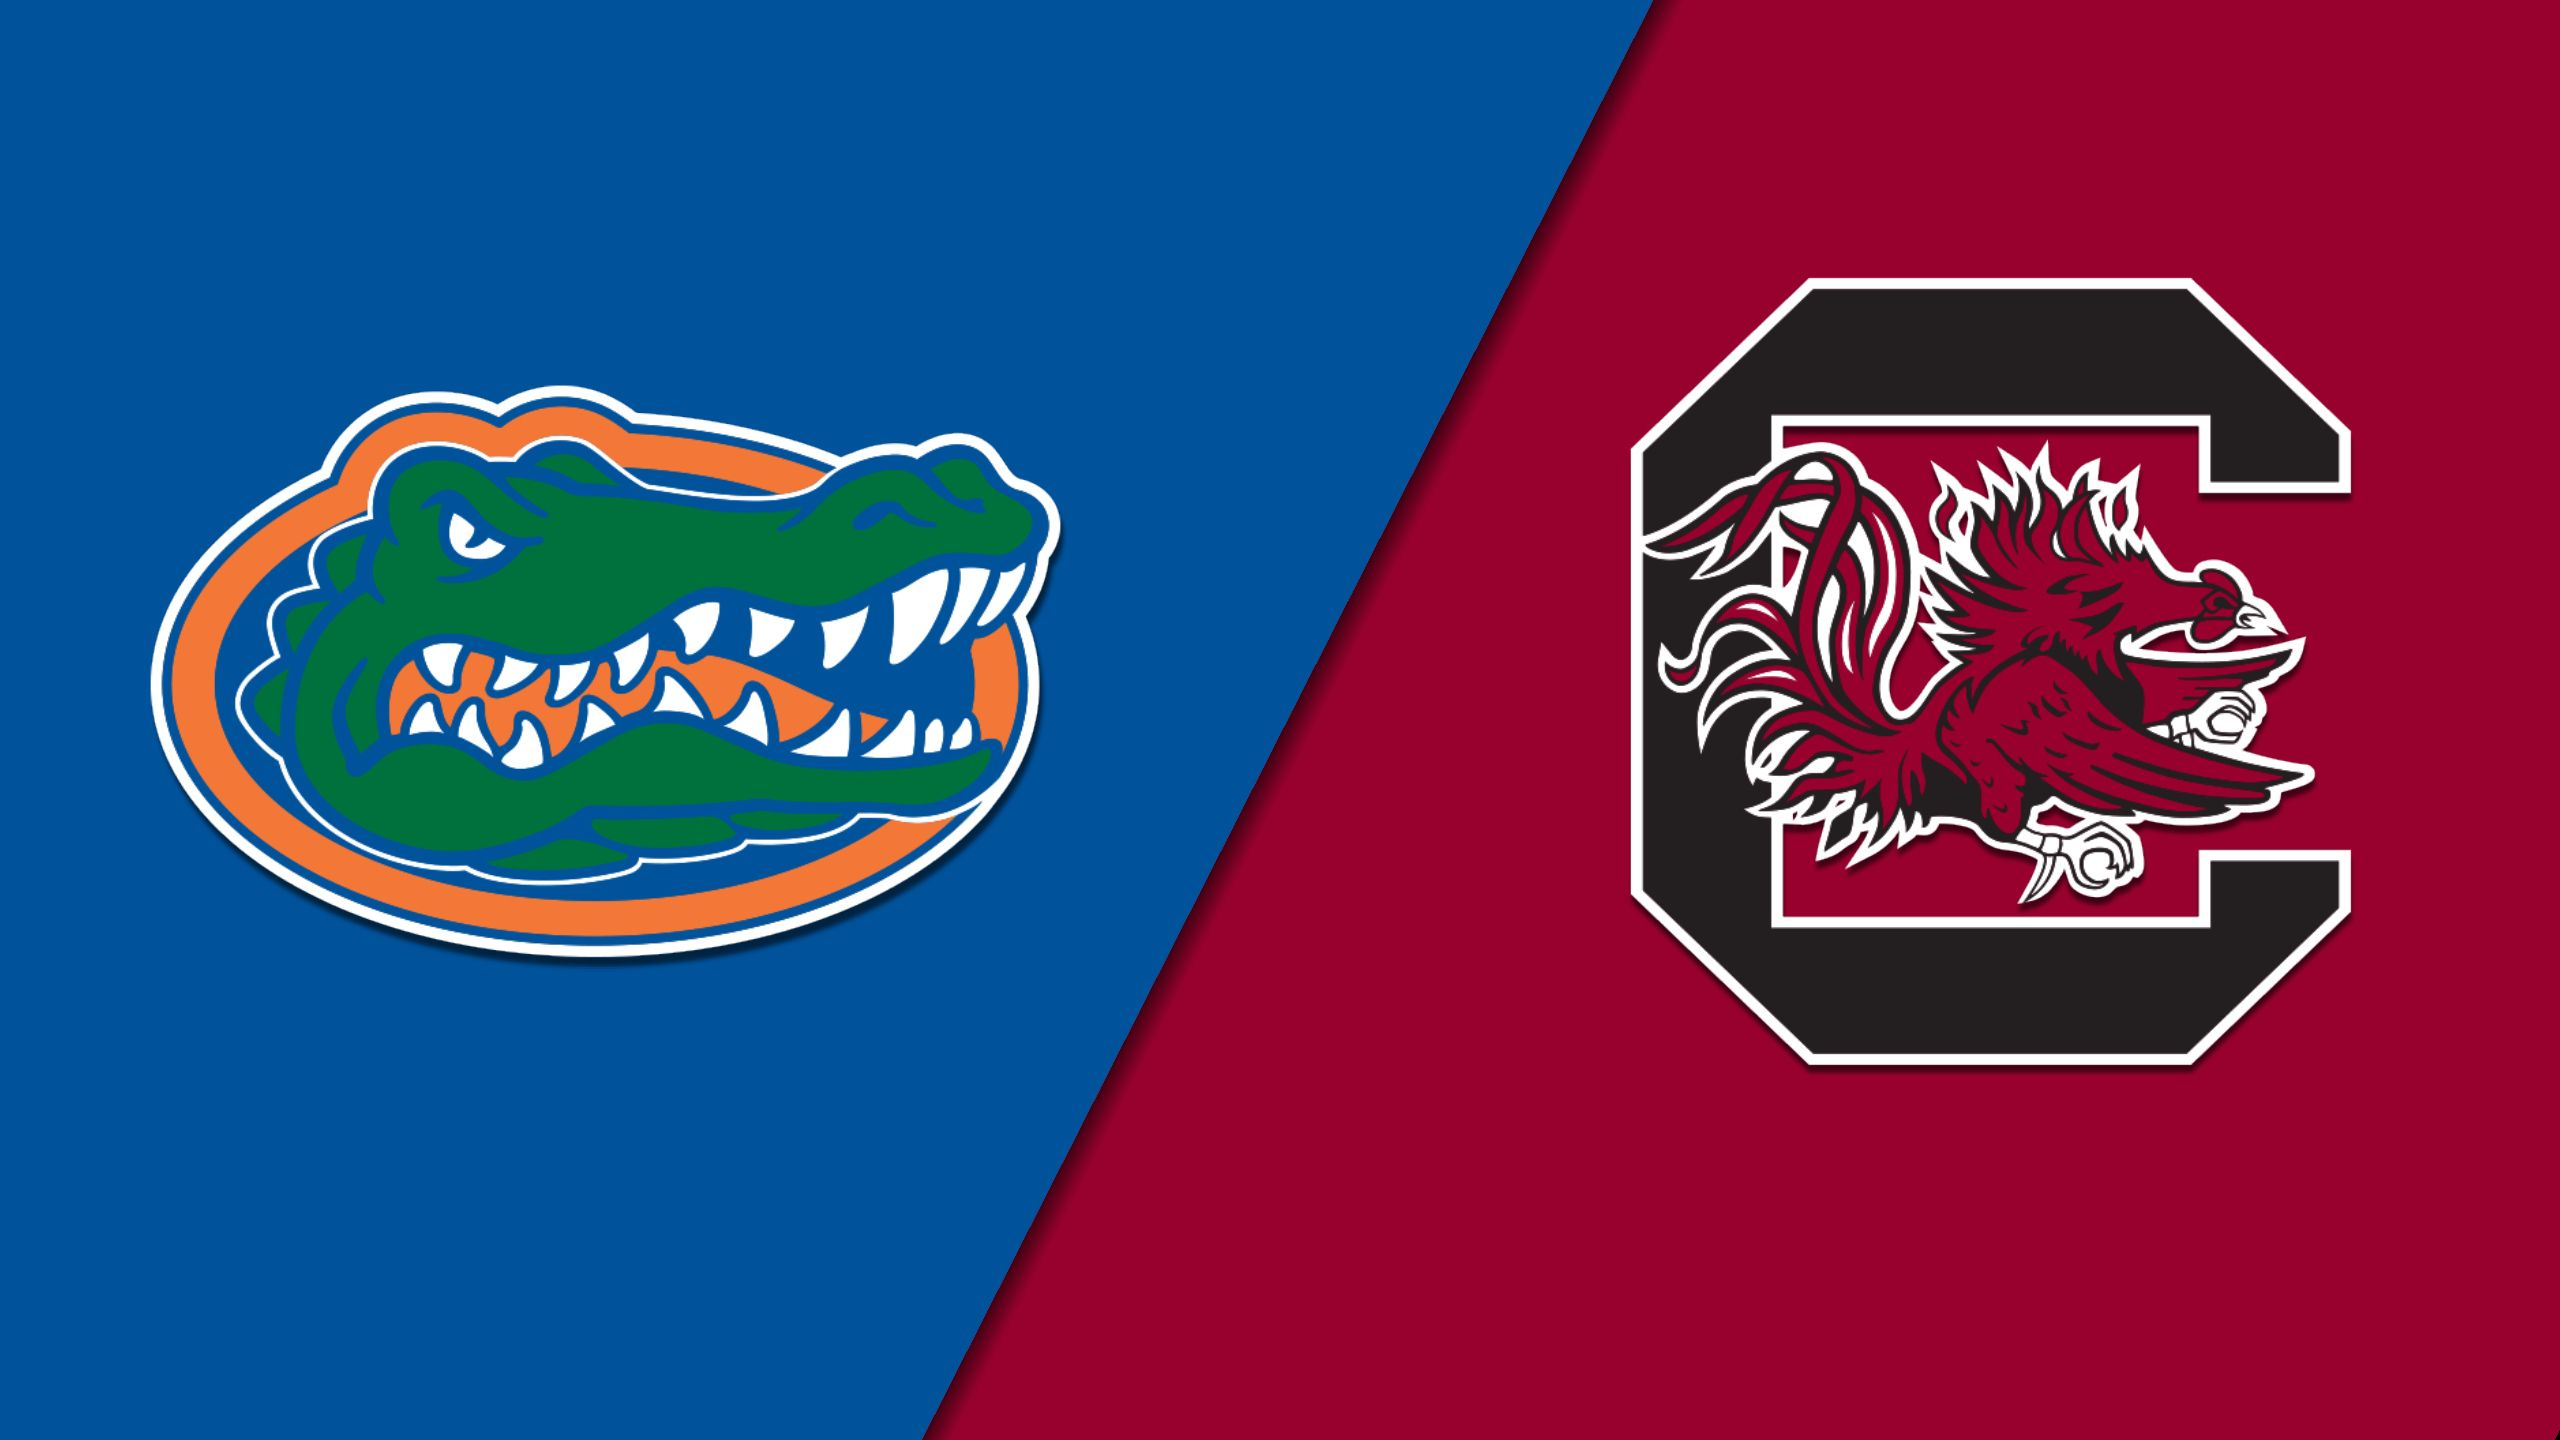 #2 Florida vs. South Carolina (Baseball)